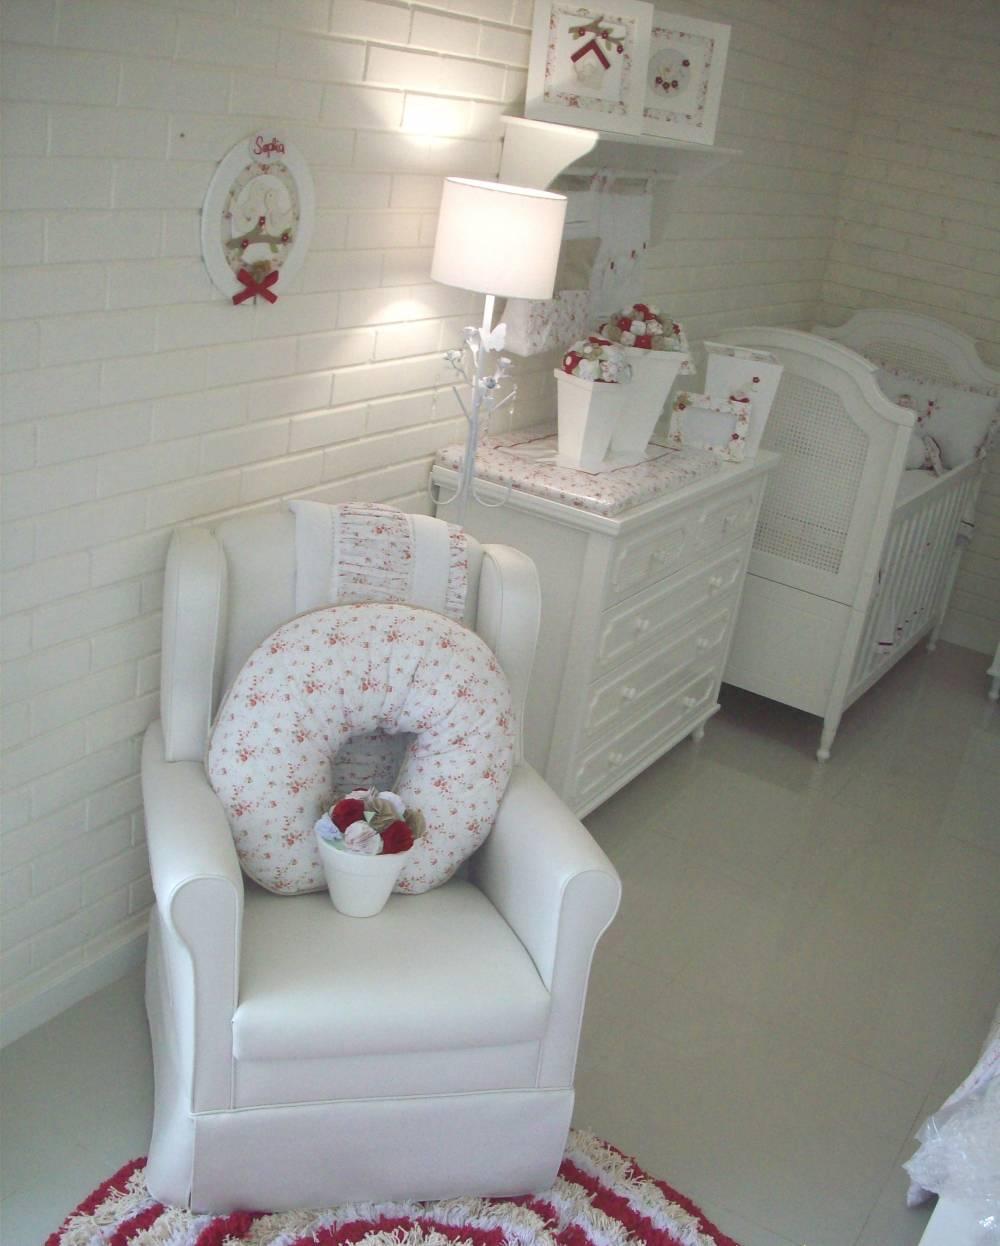 Decoração para Quartos de Bebê Feminino em Belém - Decoração de Quarto de Bebê Feminino Rosa